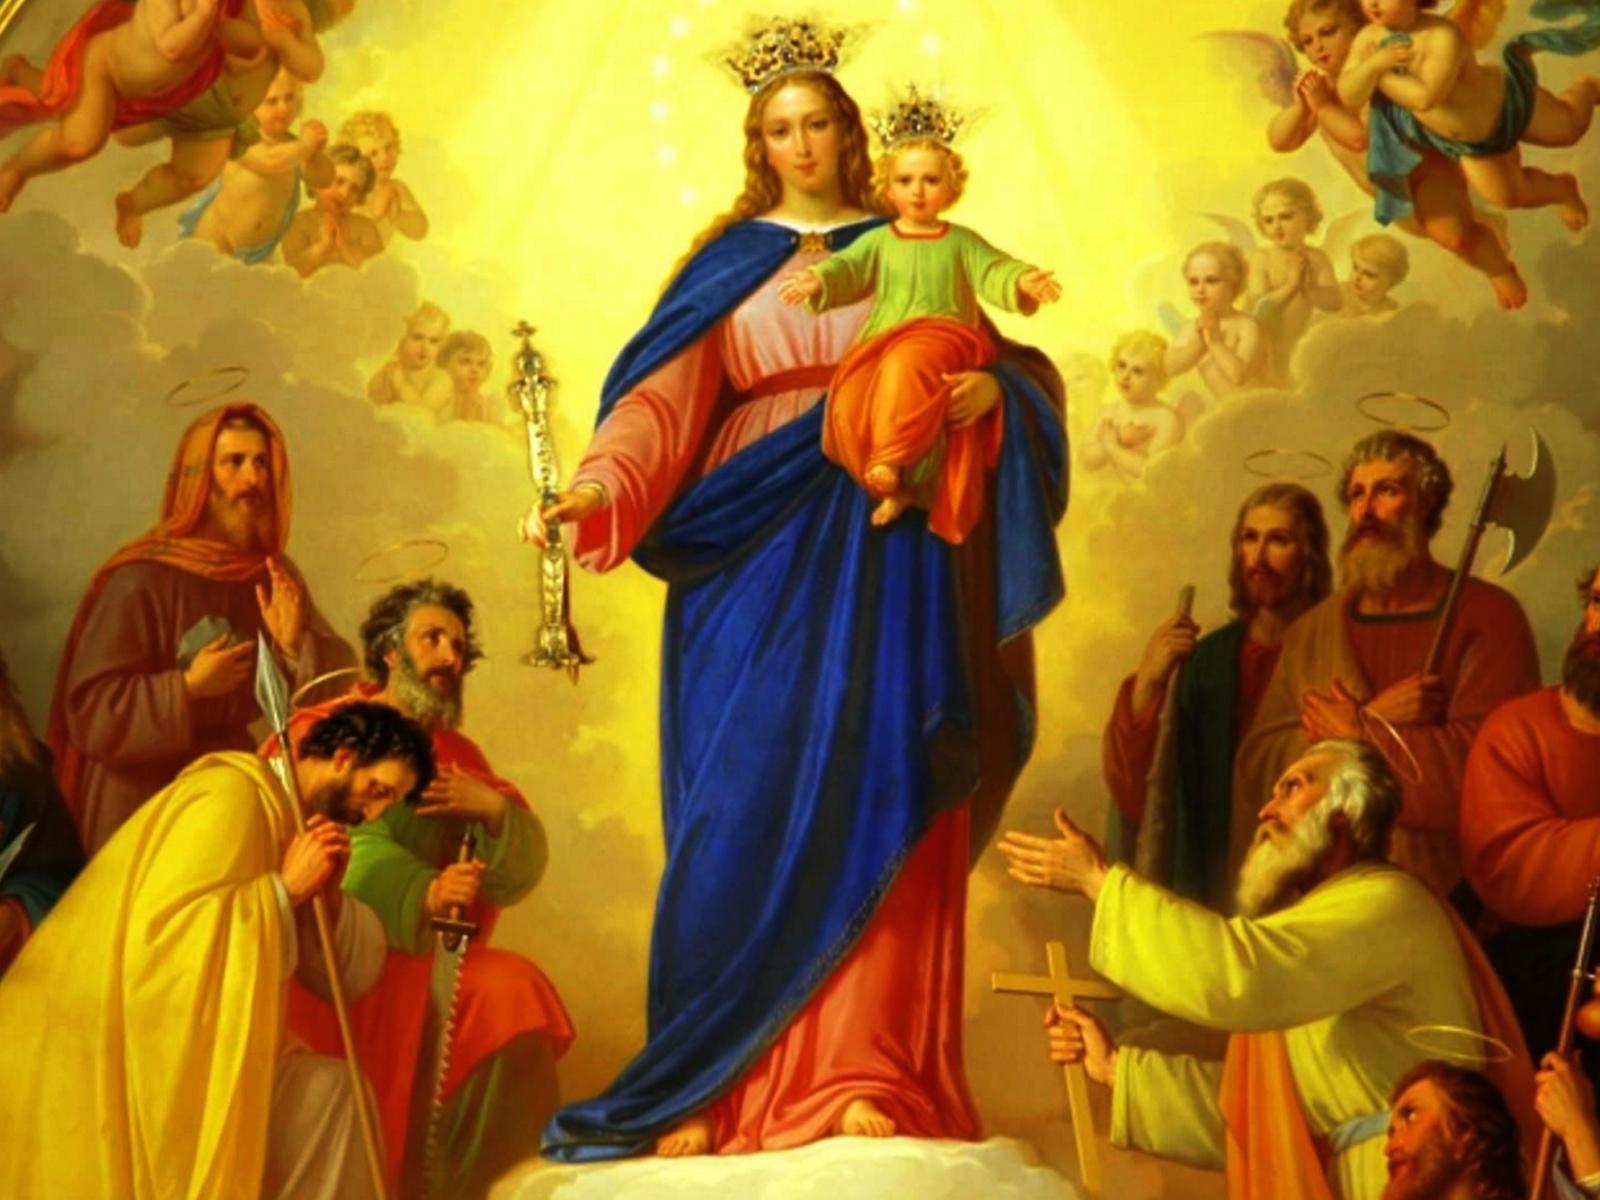 Consagração dos jovens à Virgem Maria -1600x1200